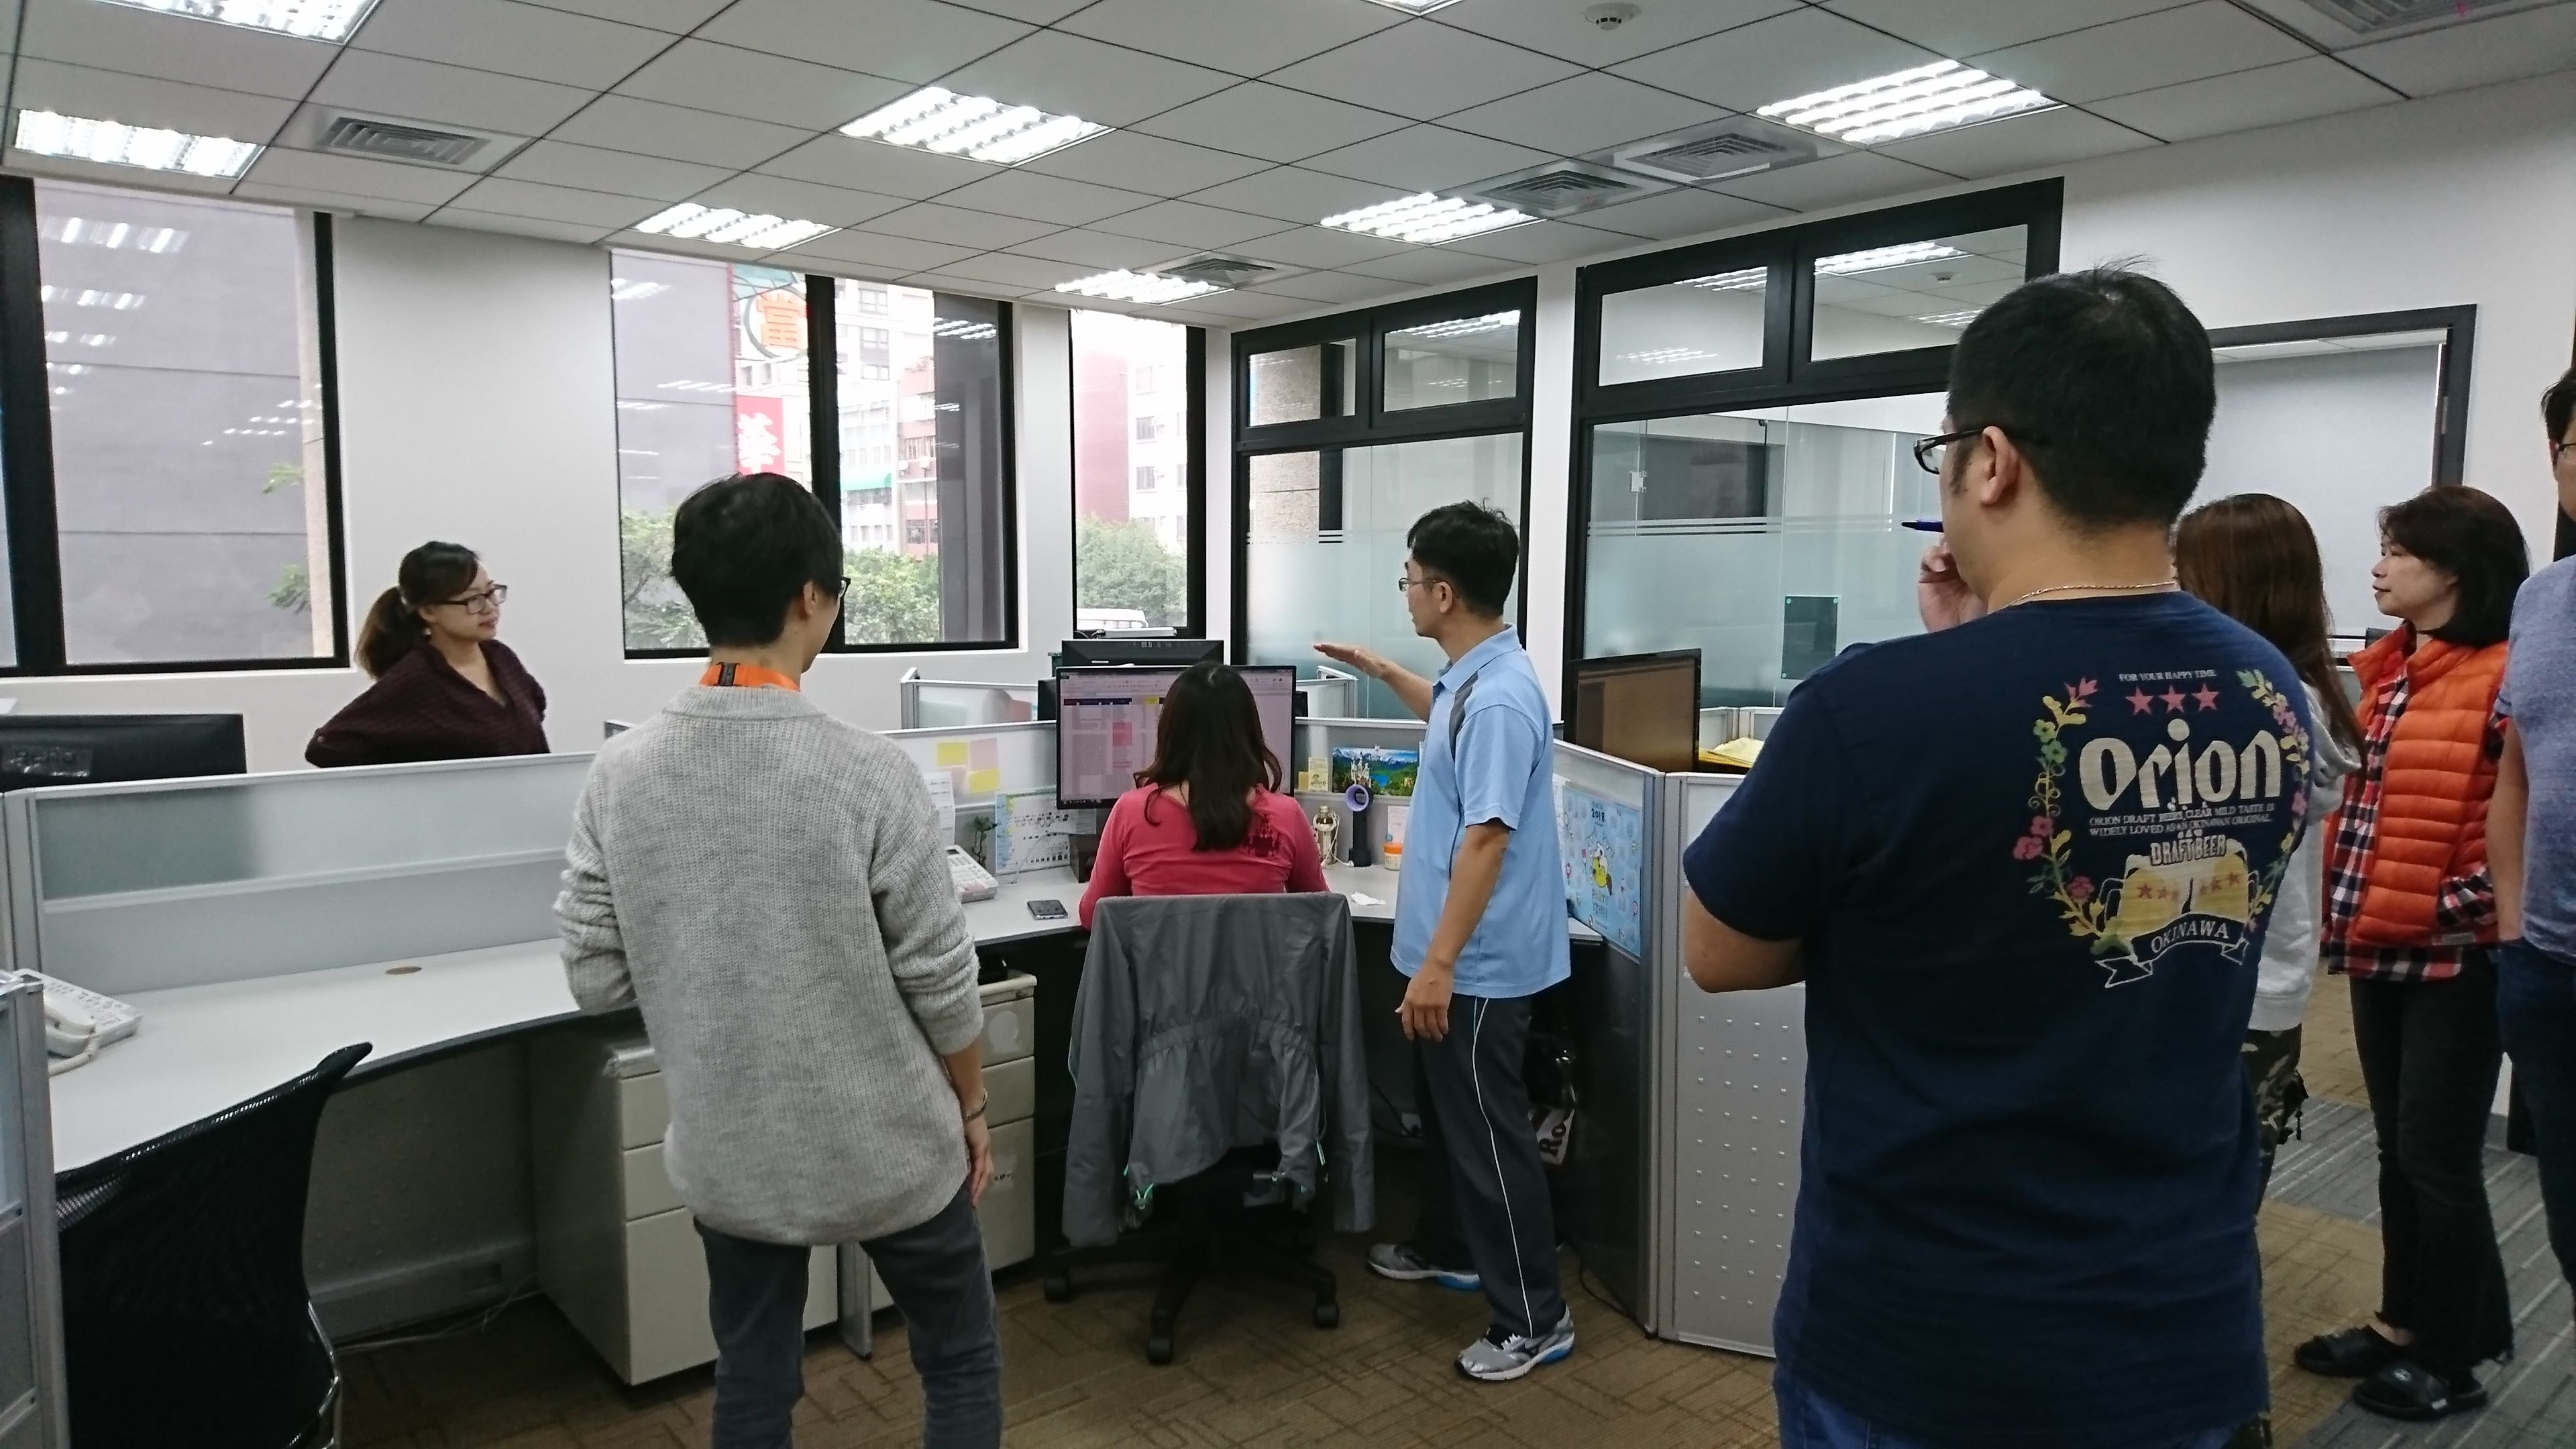 【企業內訓影片】康佳特科技-職場人脊椎保健與酸痛預防-辦公室環境檢視